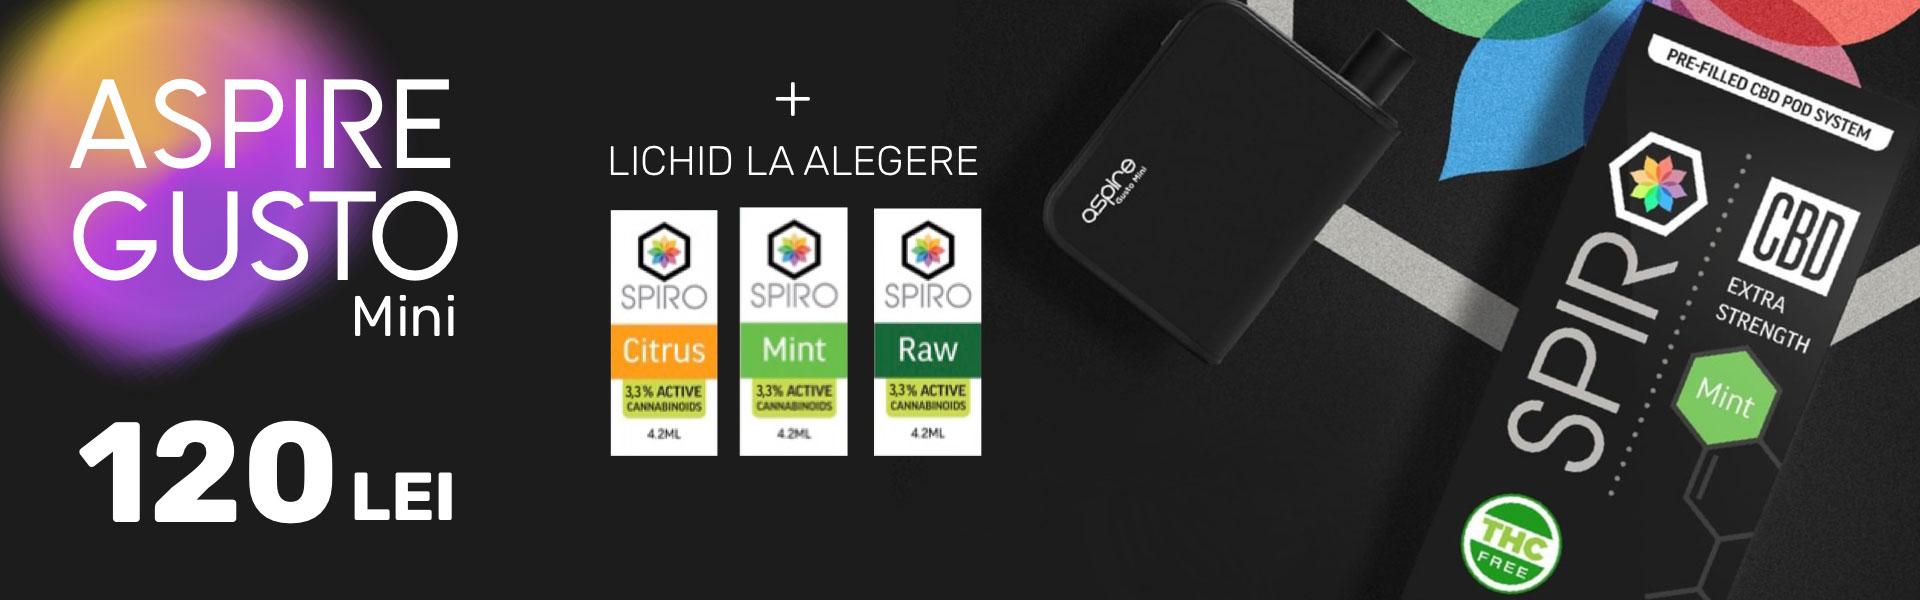 Aspire Gusto Mini + Lichid CBD gratuit